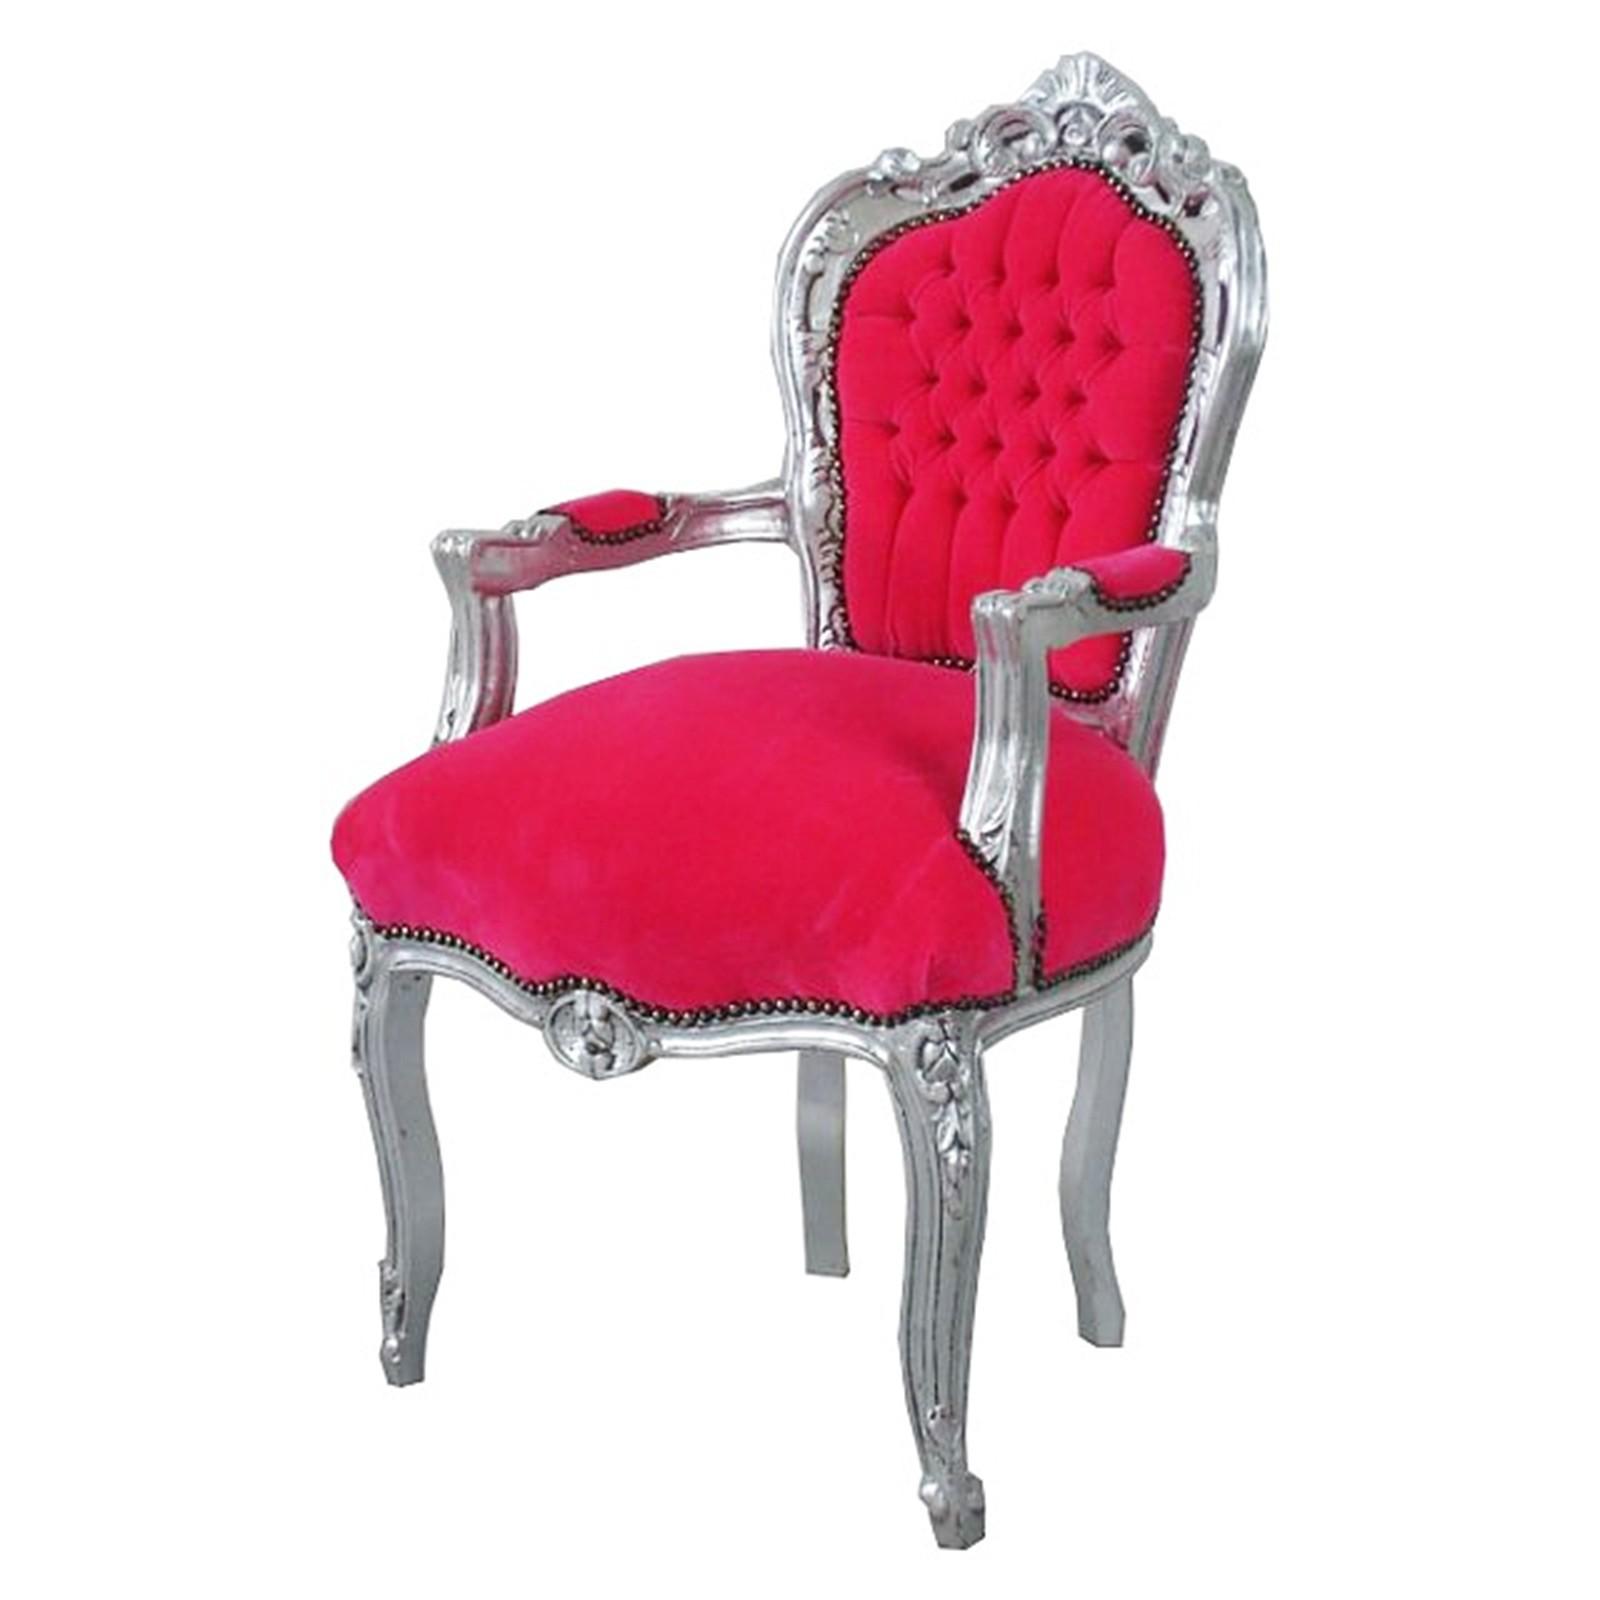 Esszimmer Stühle Esstisch Stuhl Sessel Barock Antik Pink Silber